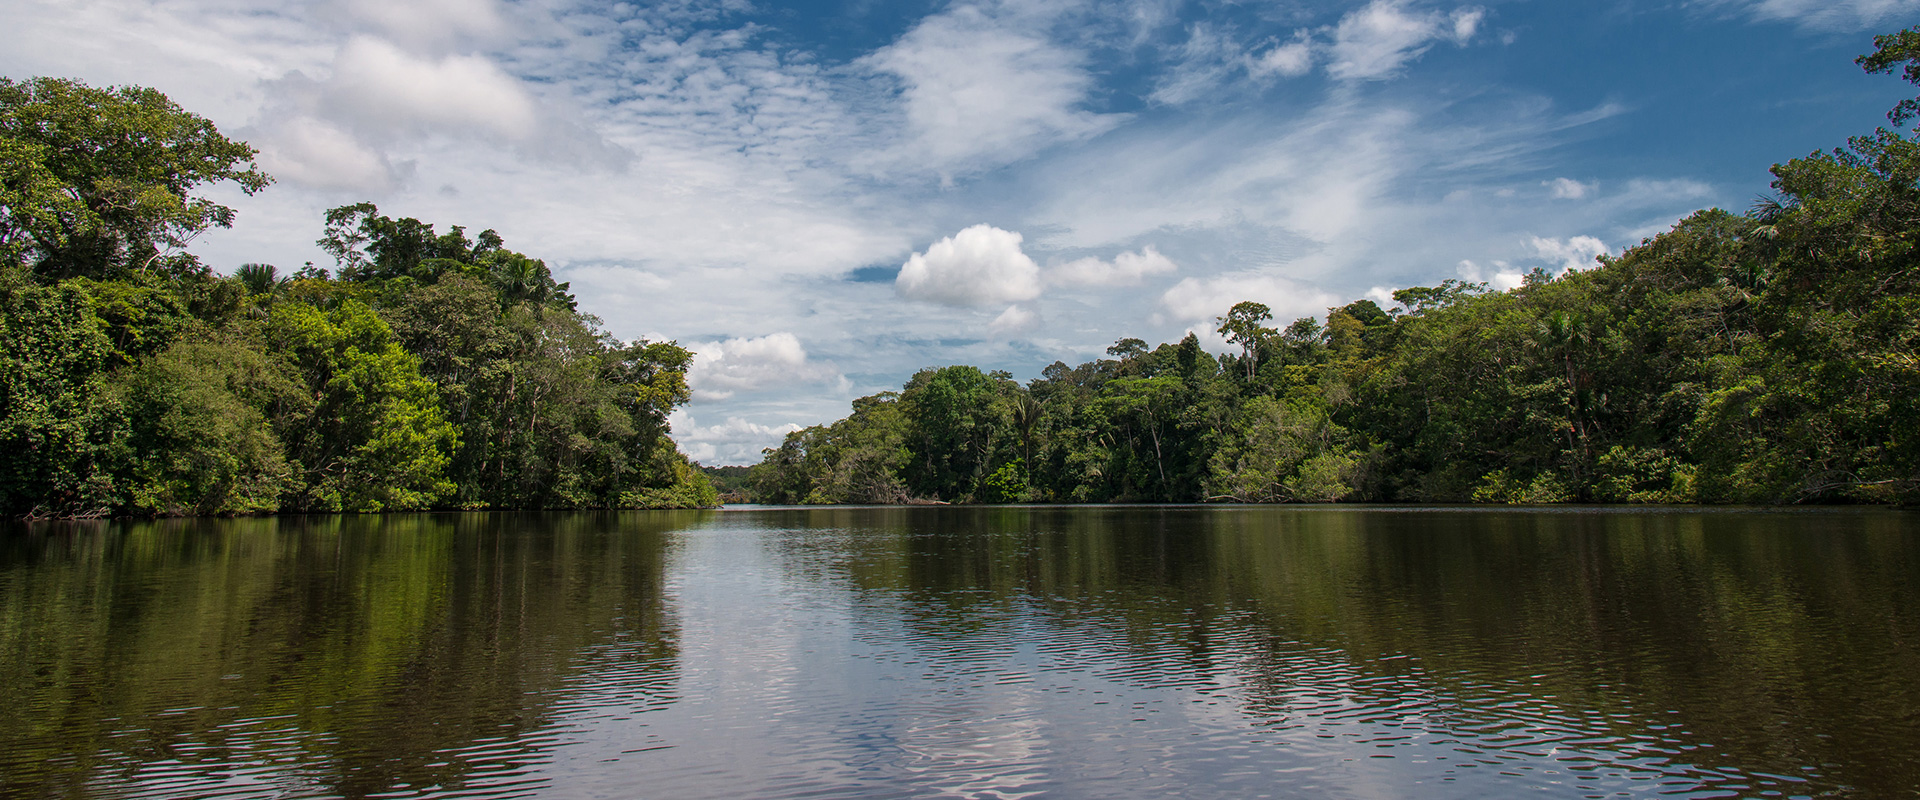 Amazon River Tours